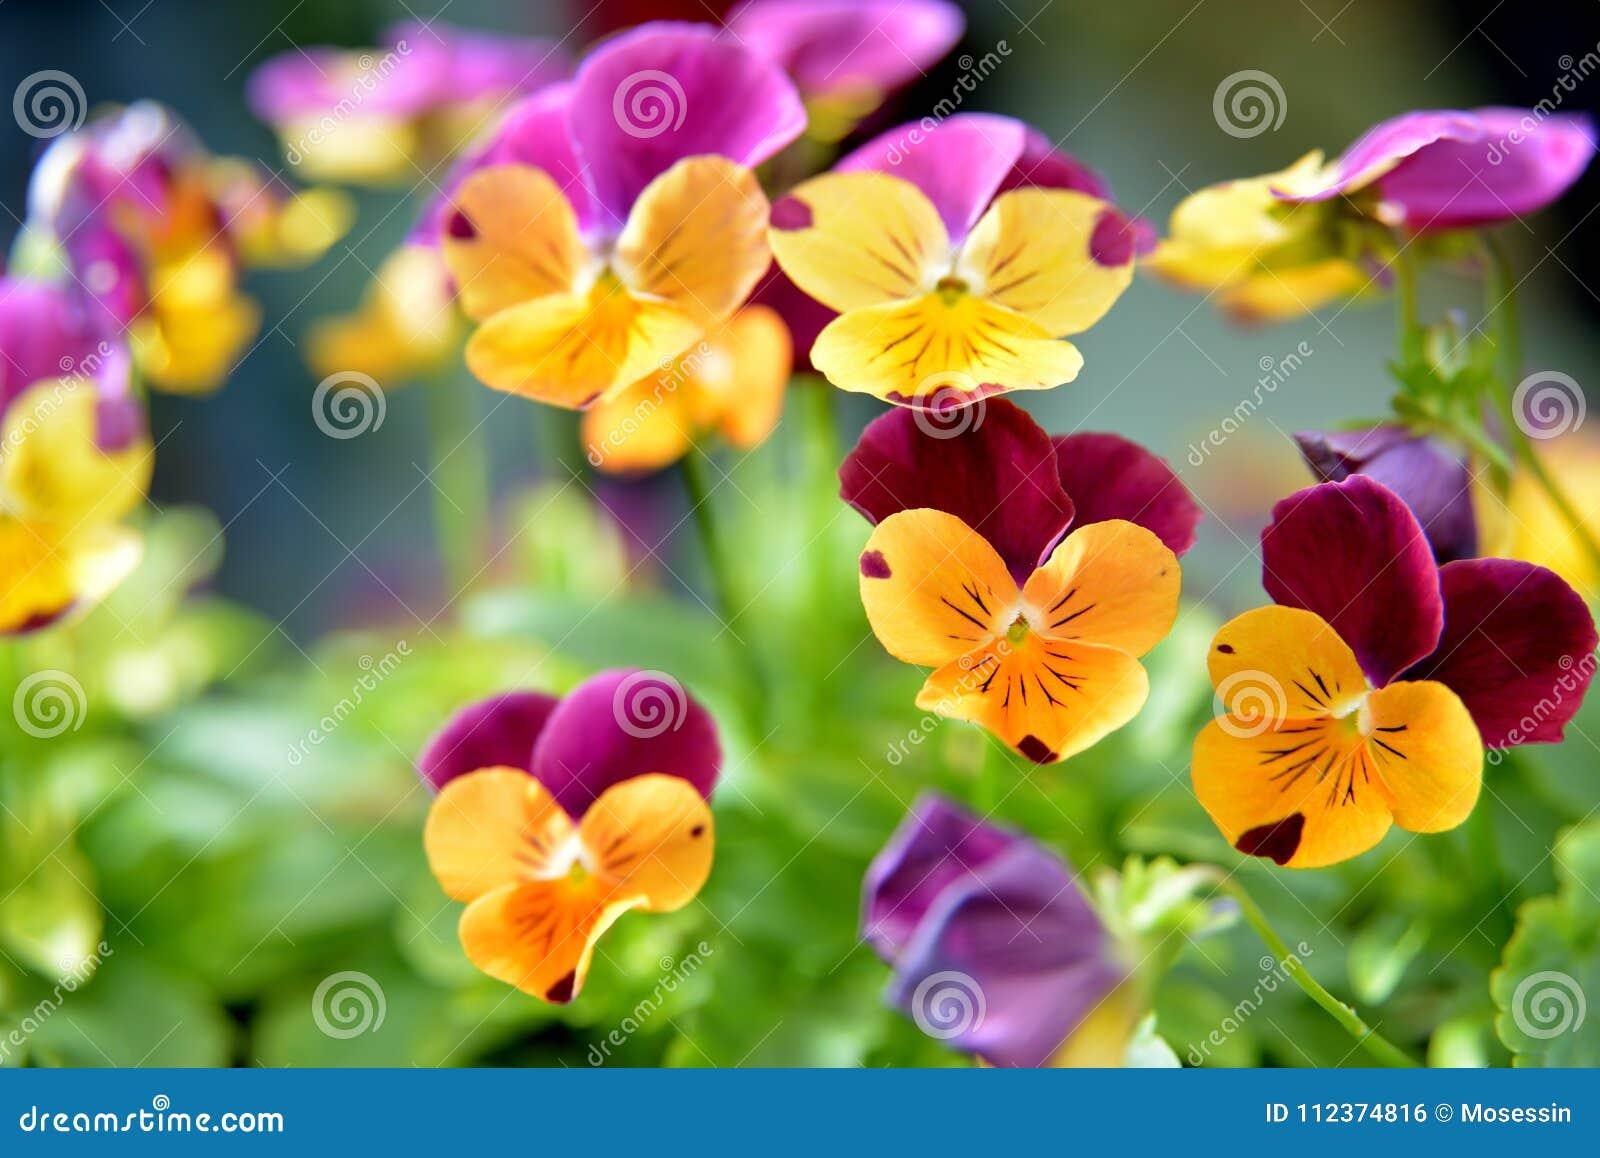 Fiore della viola della pansé